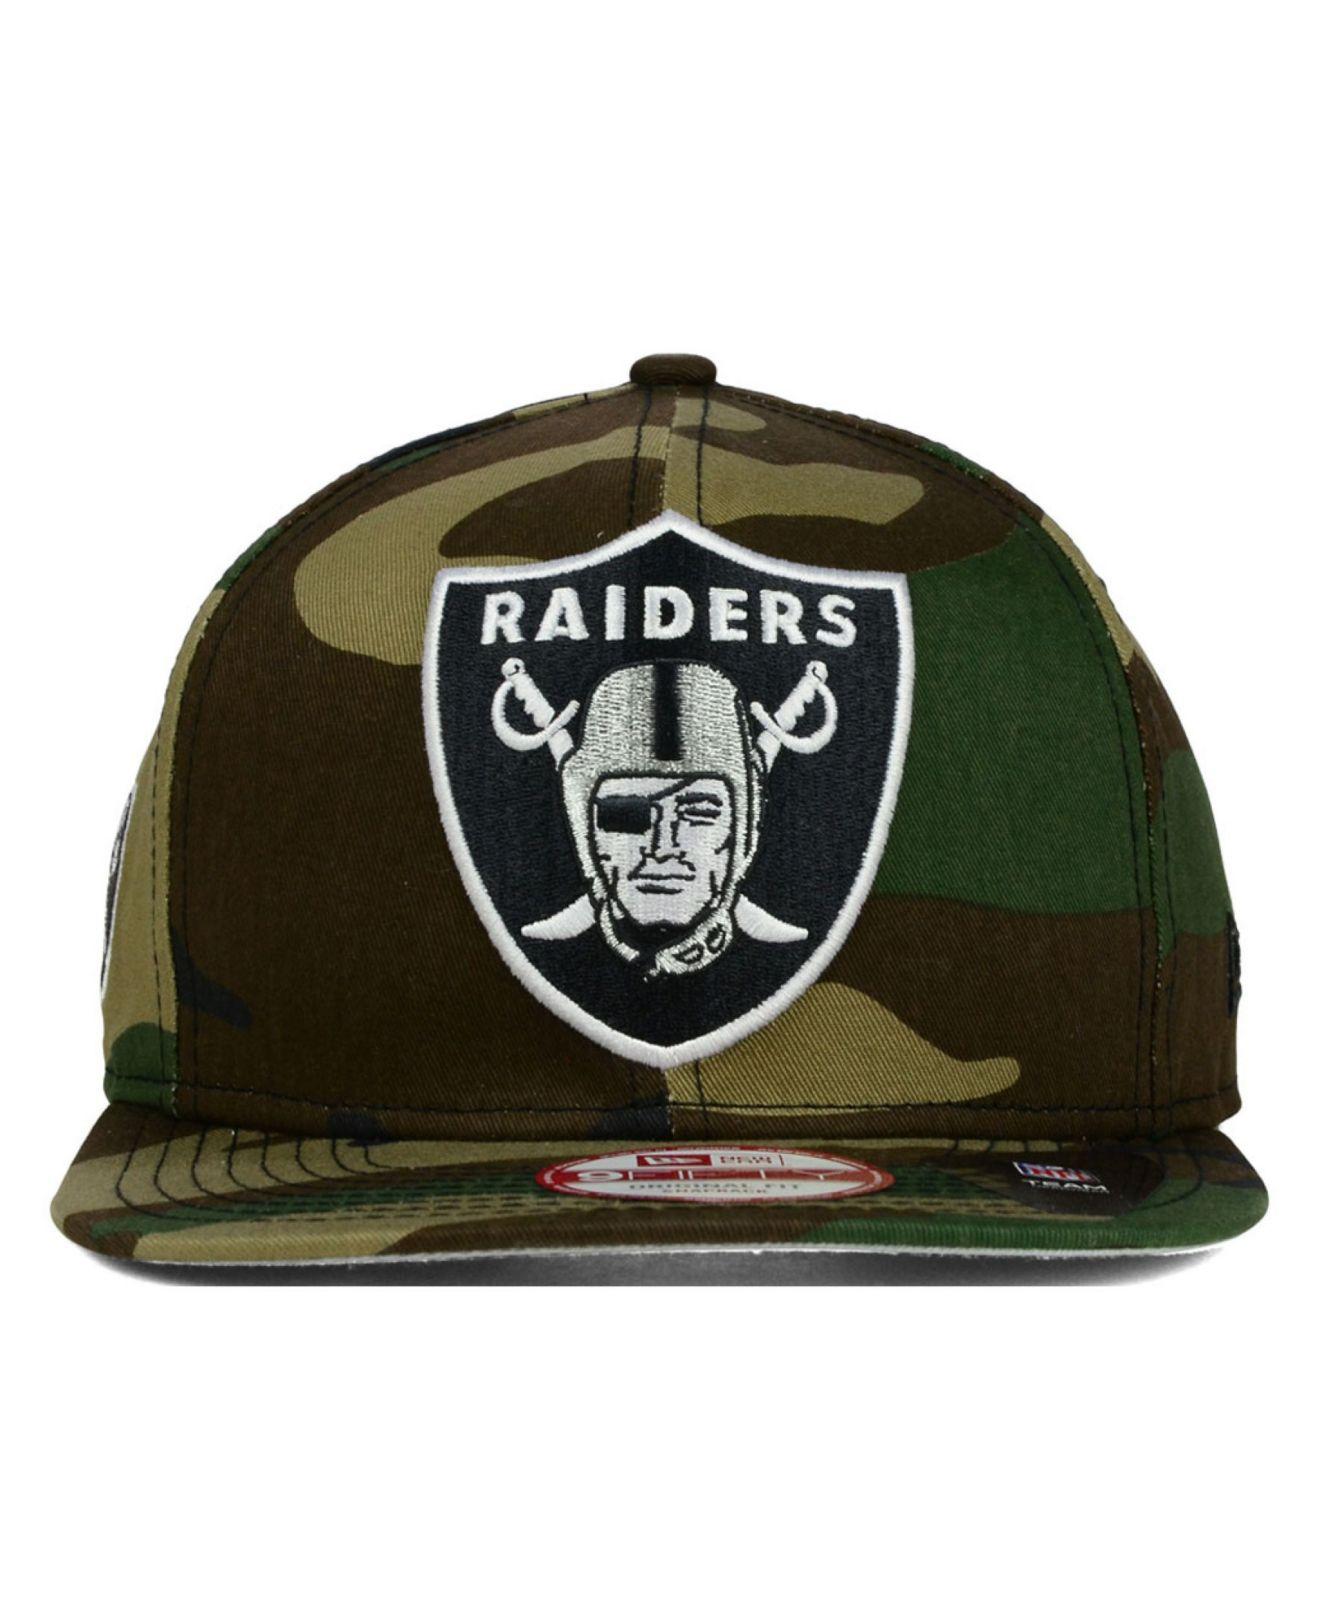 7d007e7f05d Lyst - KTZ Oakland Raiders Metallic Cue Original Fit Snapback Cap in Green  for Men